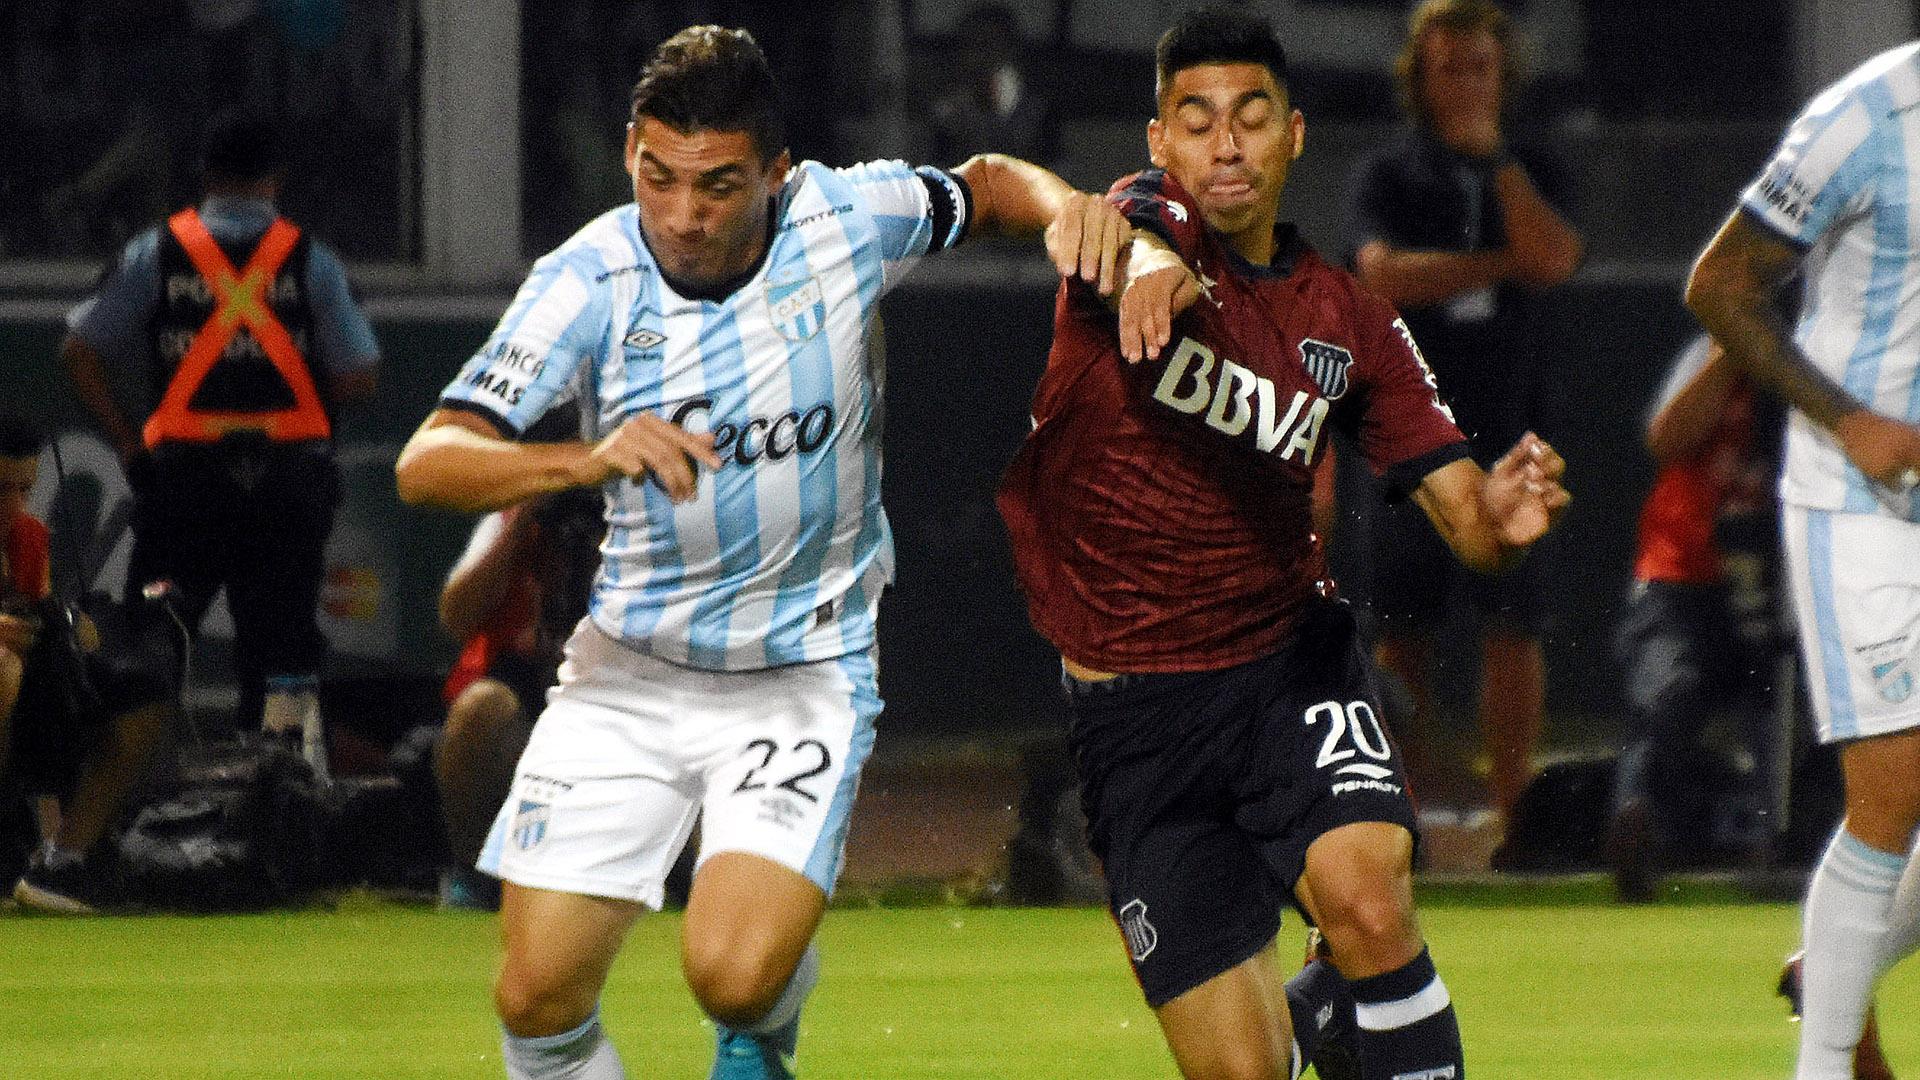 Talleres recibe al Atlético Tucumán de Zielinski, por la Copa